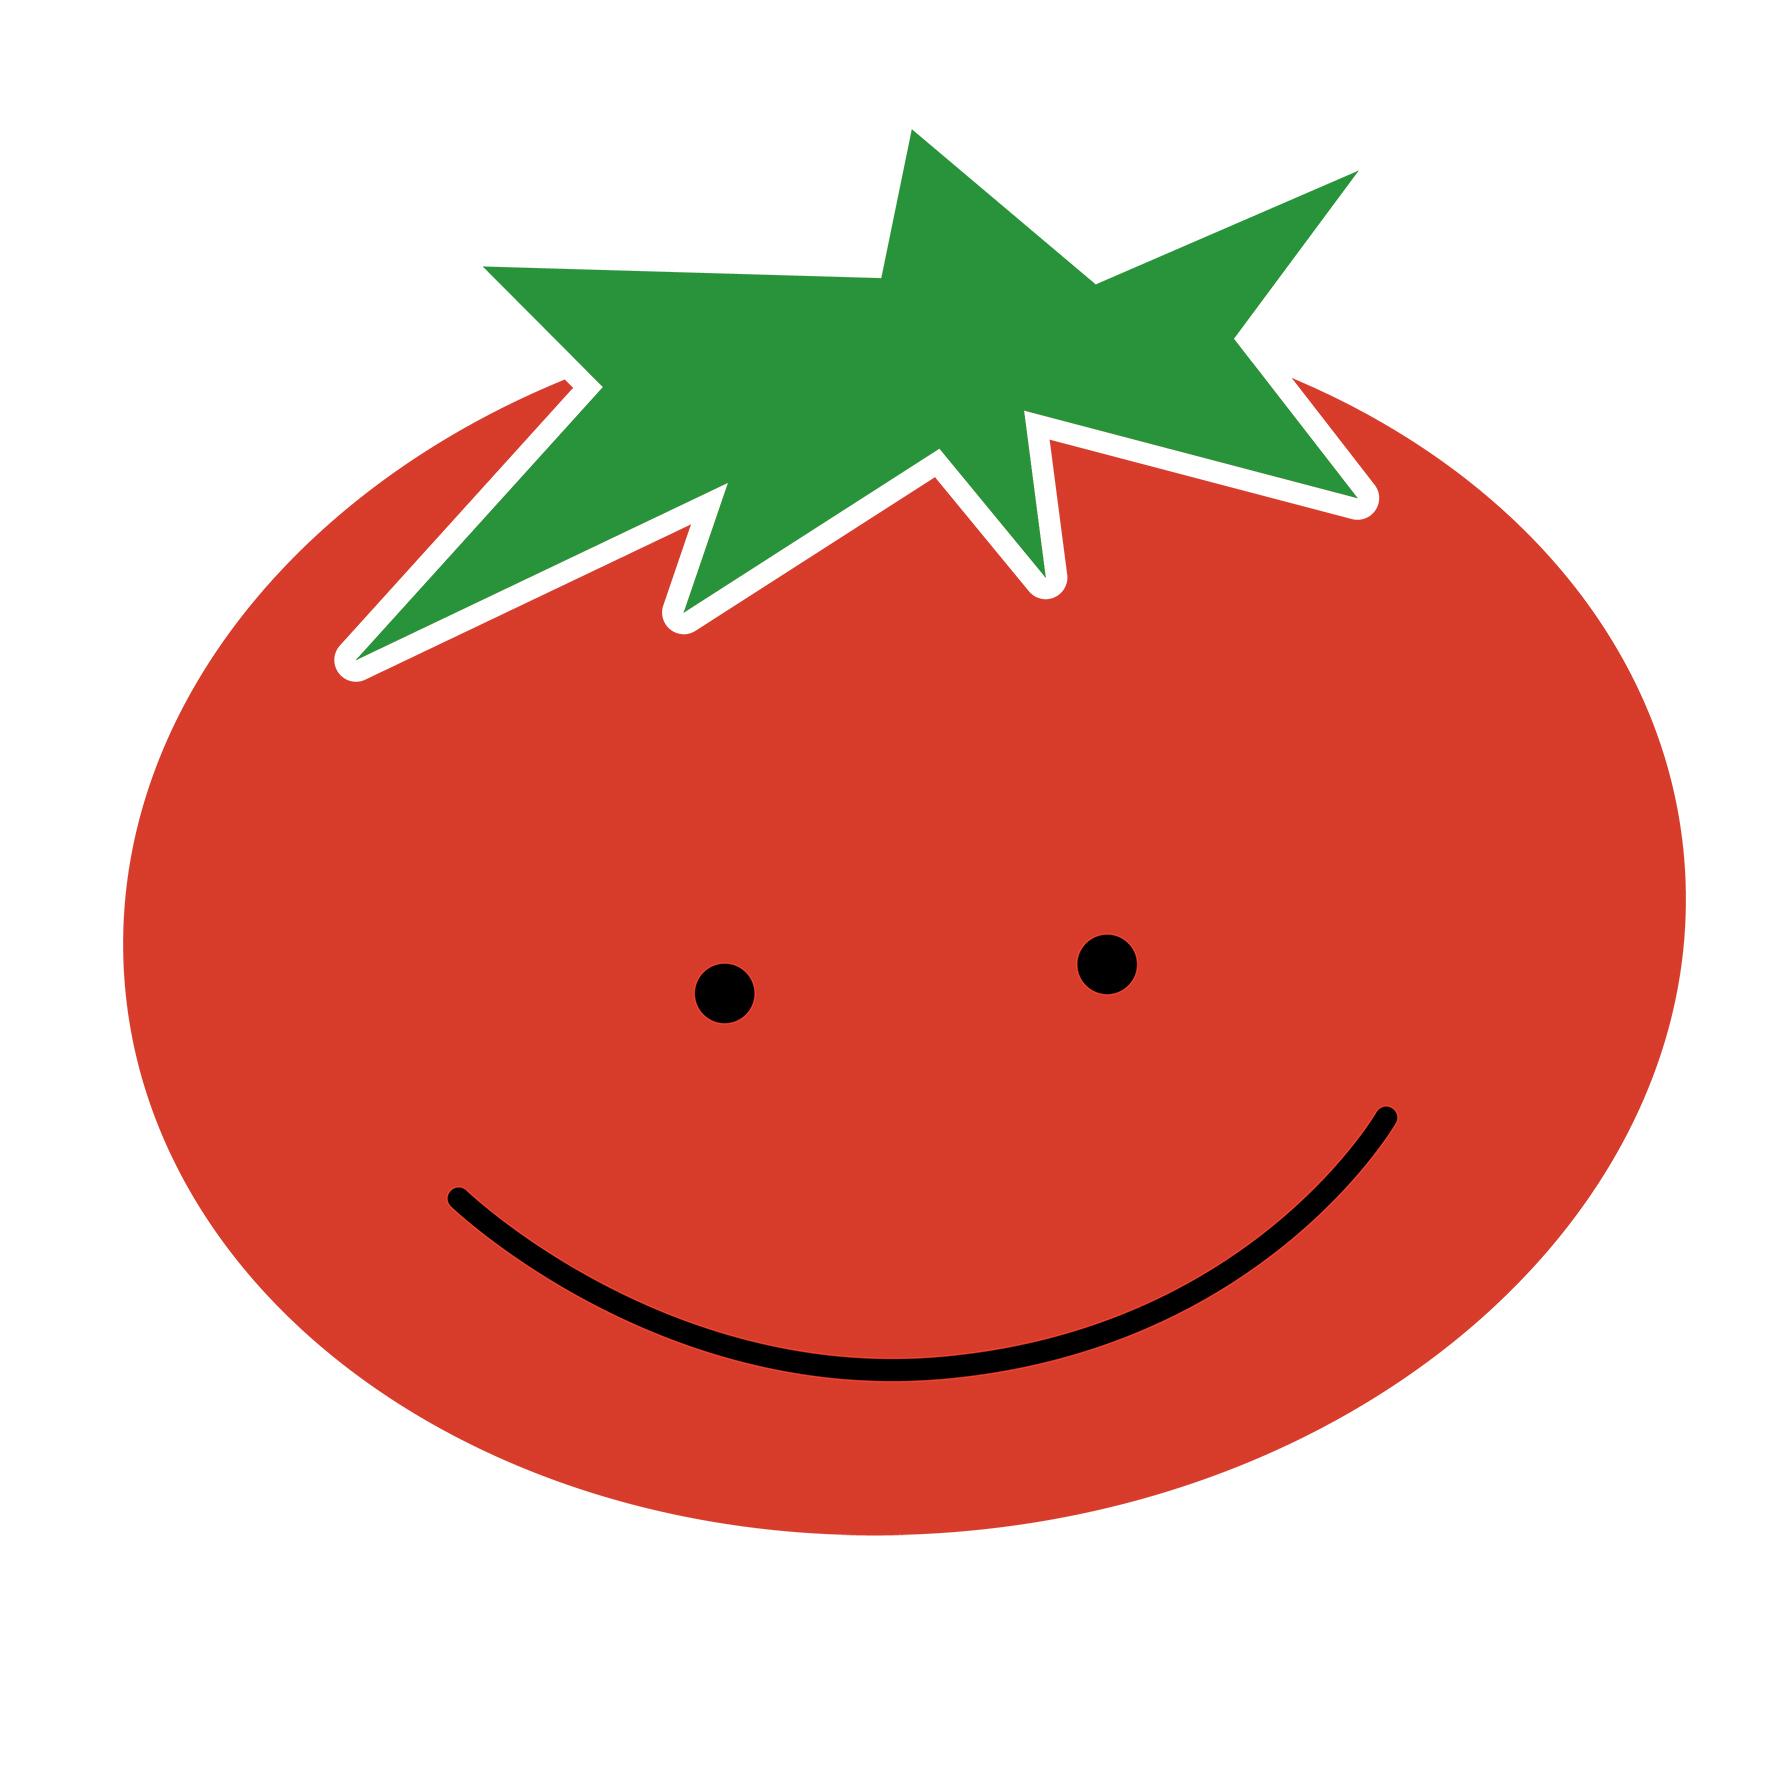 深圳市小番茄健康科技有限公司